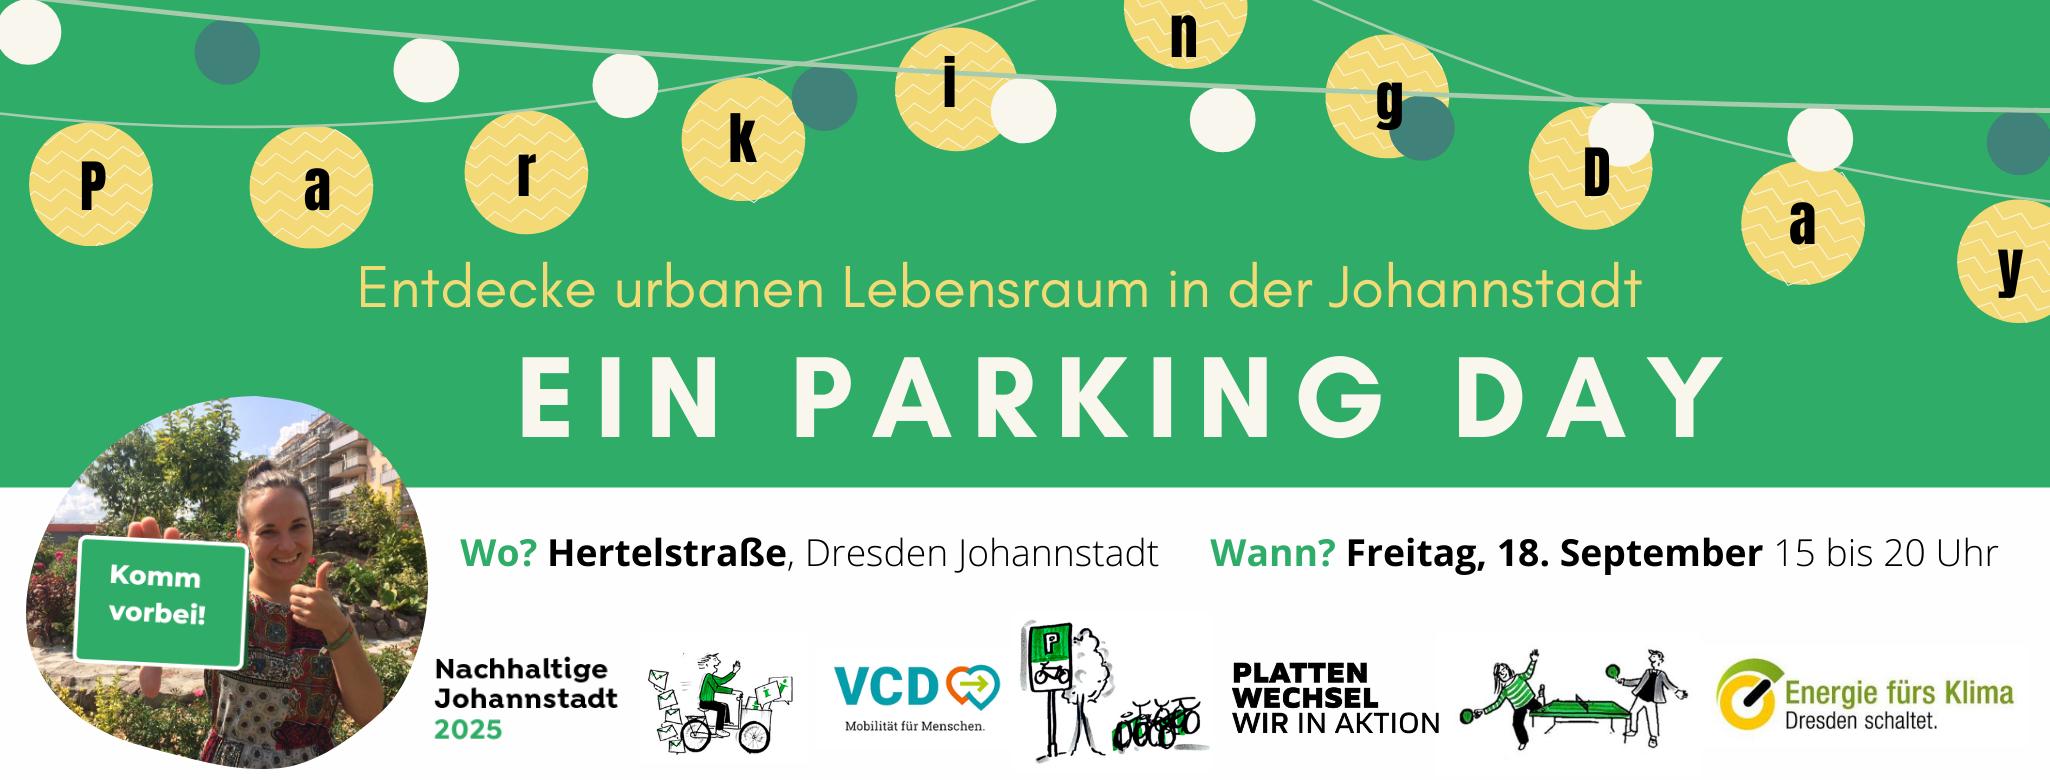 ParkingDaylight Hertelstraße